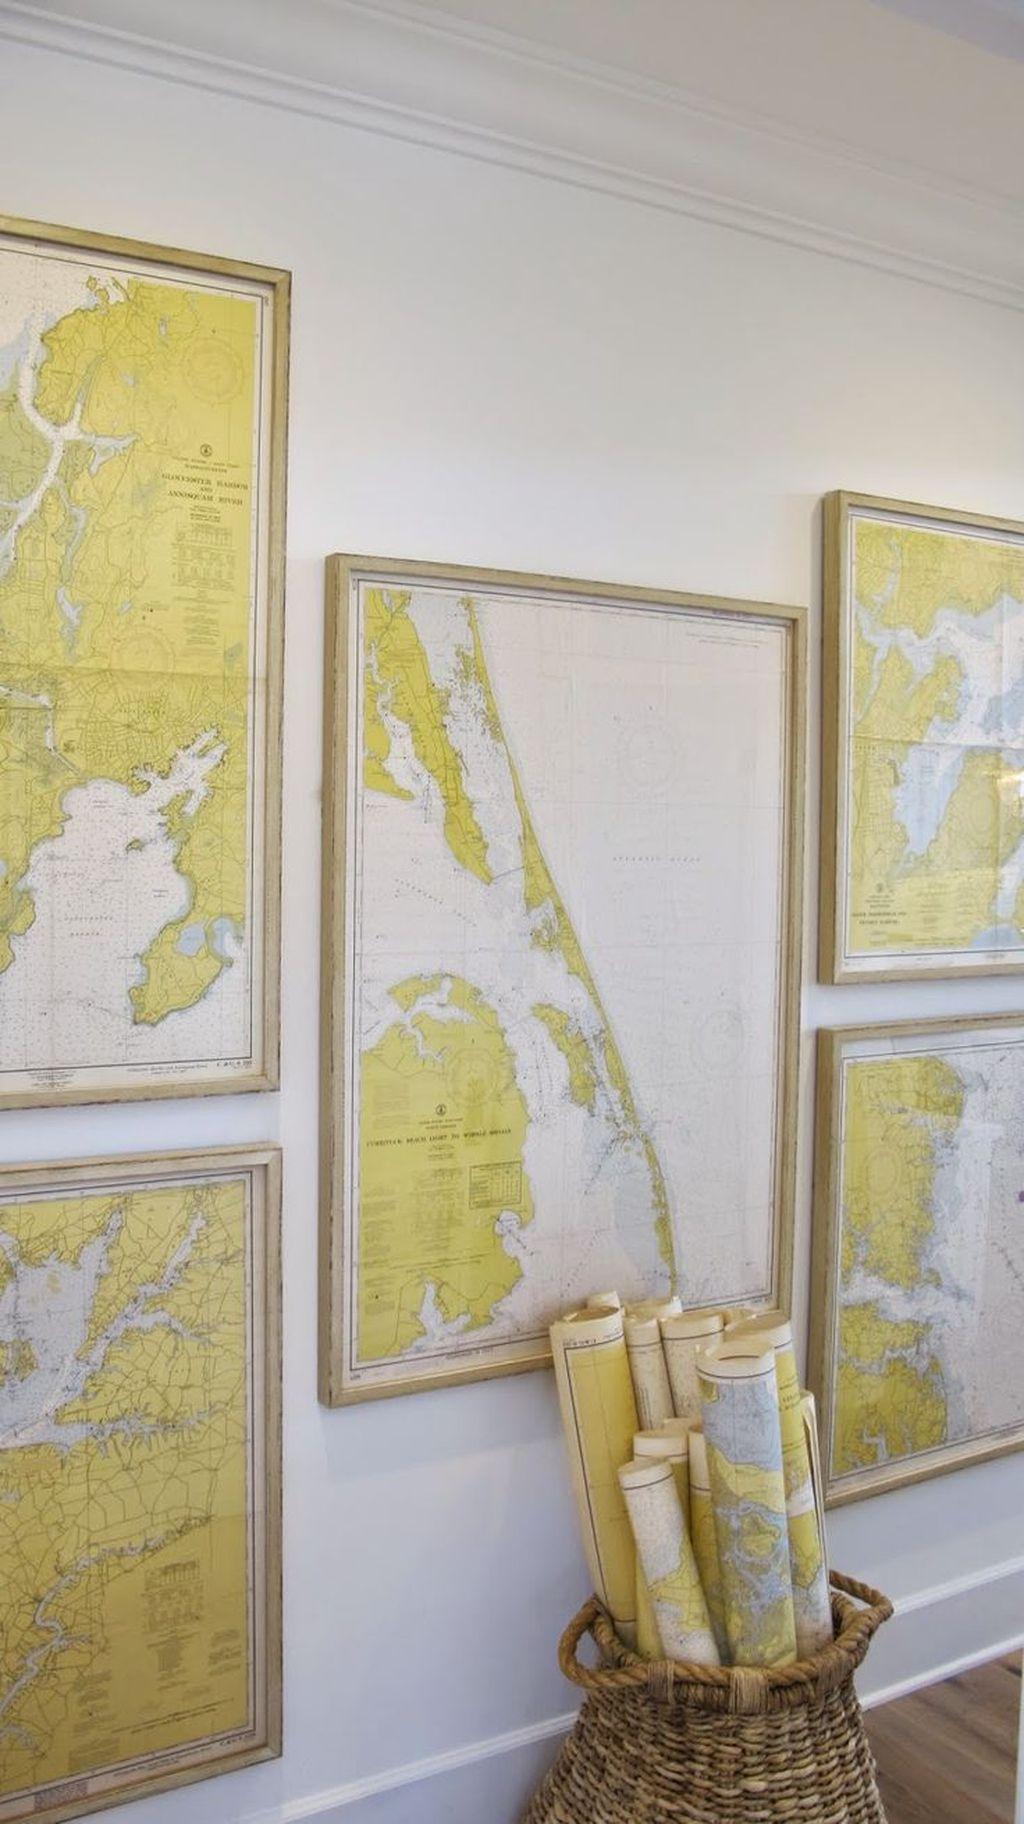 Inspiring Nautical Wall Decor Ideas For Living Room 08